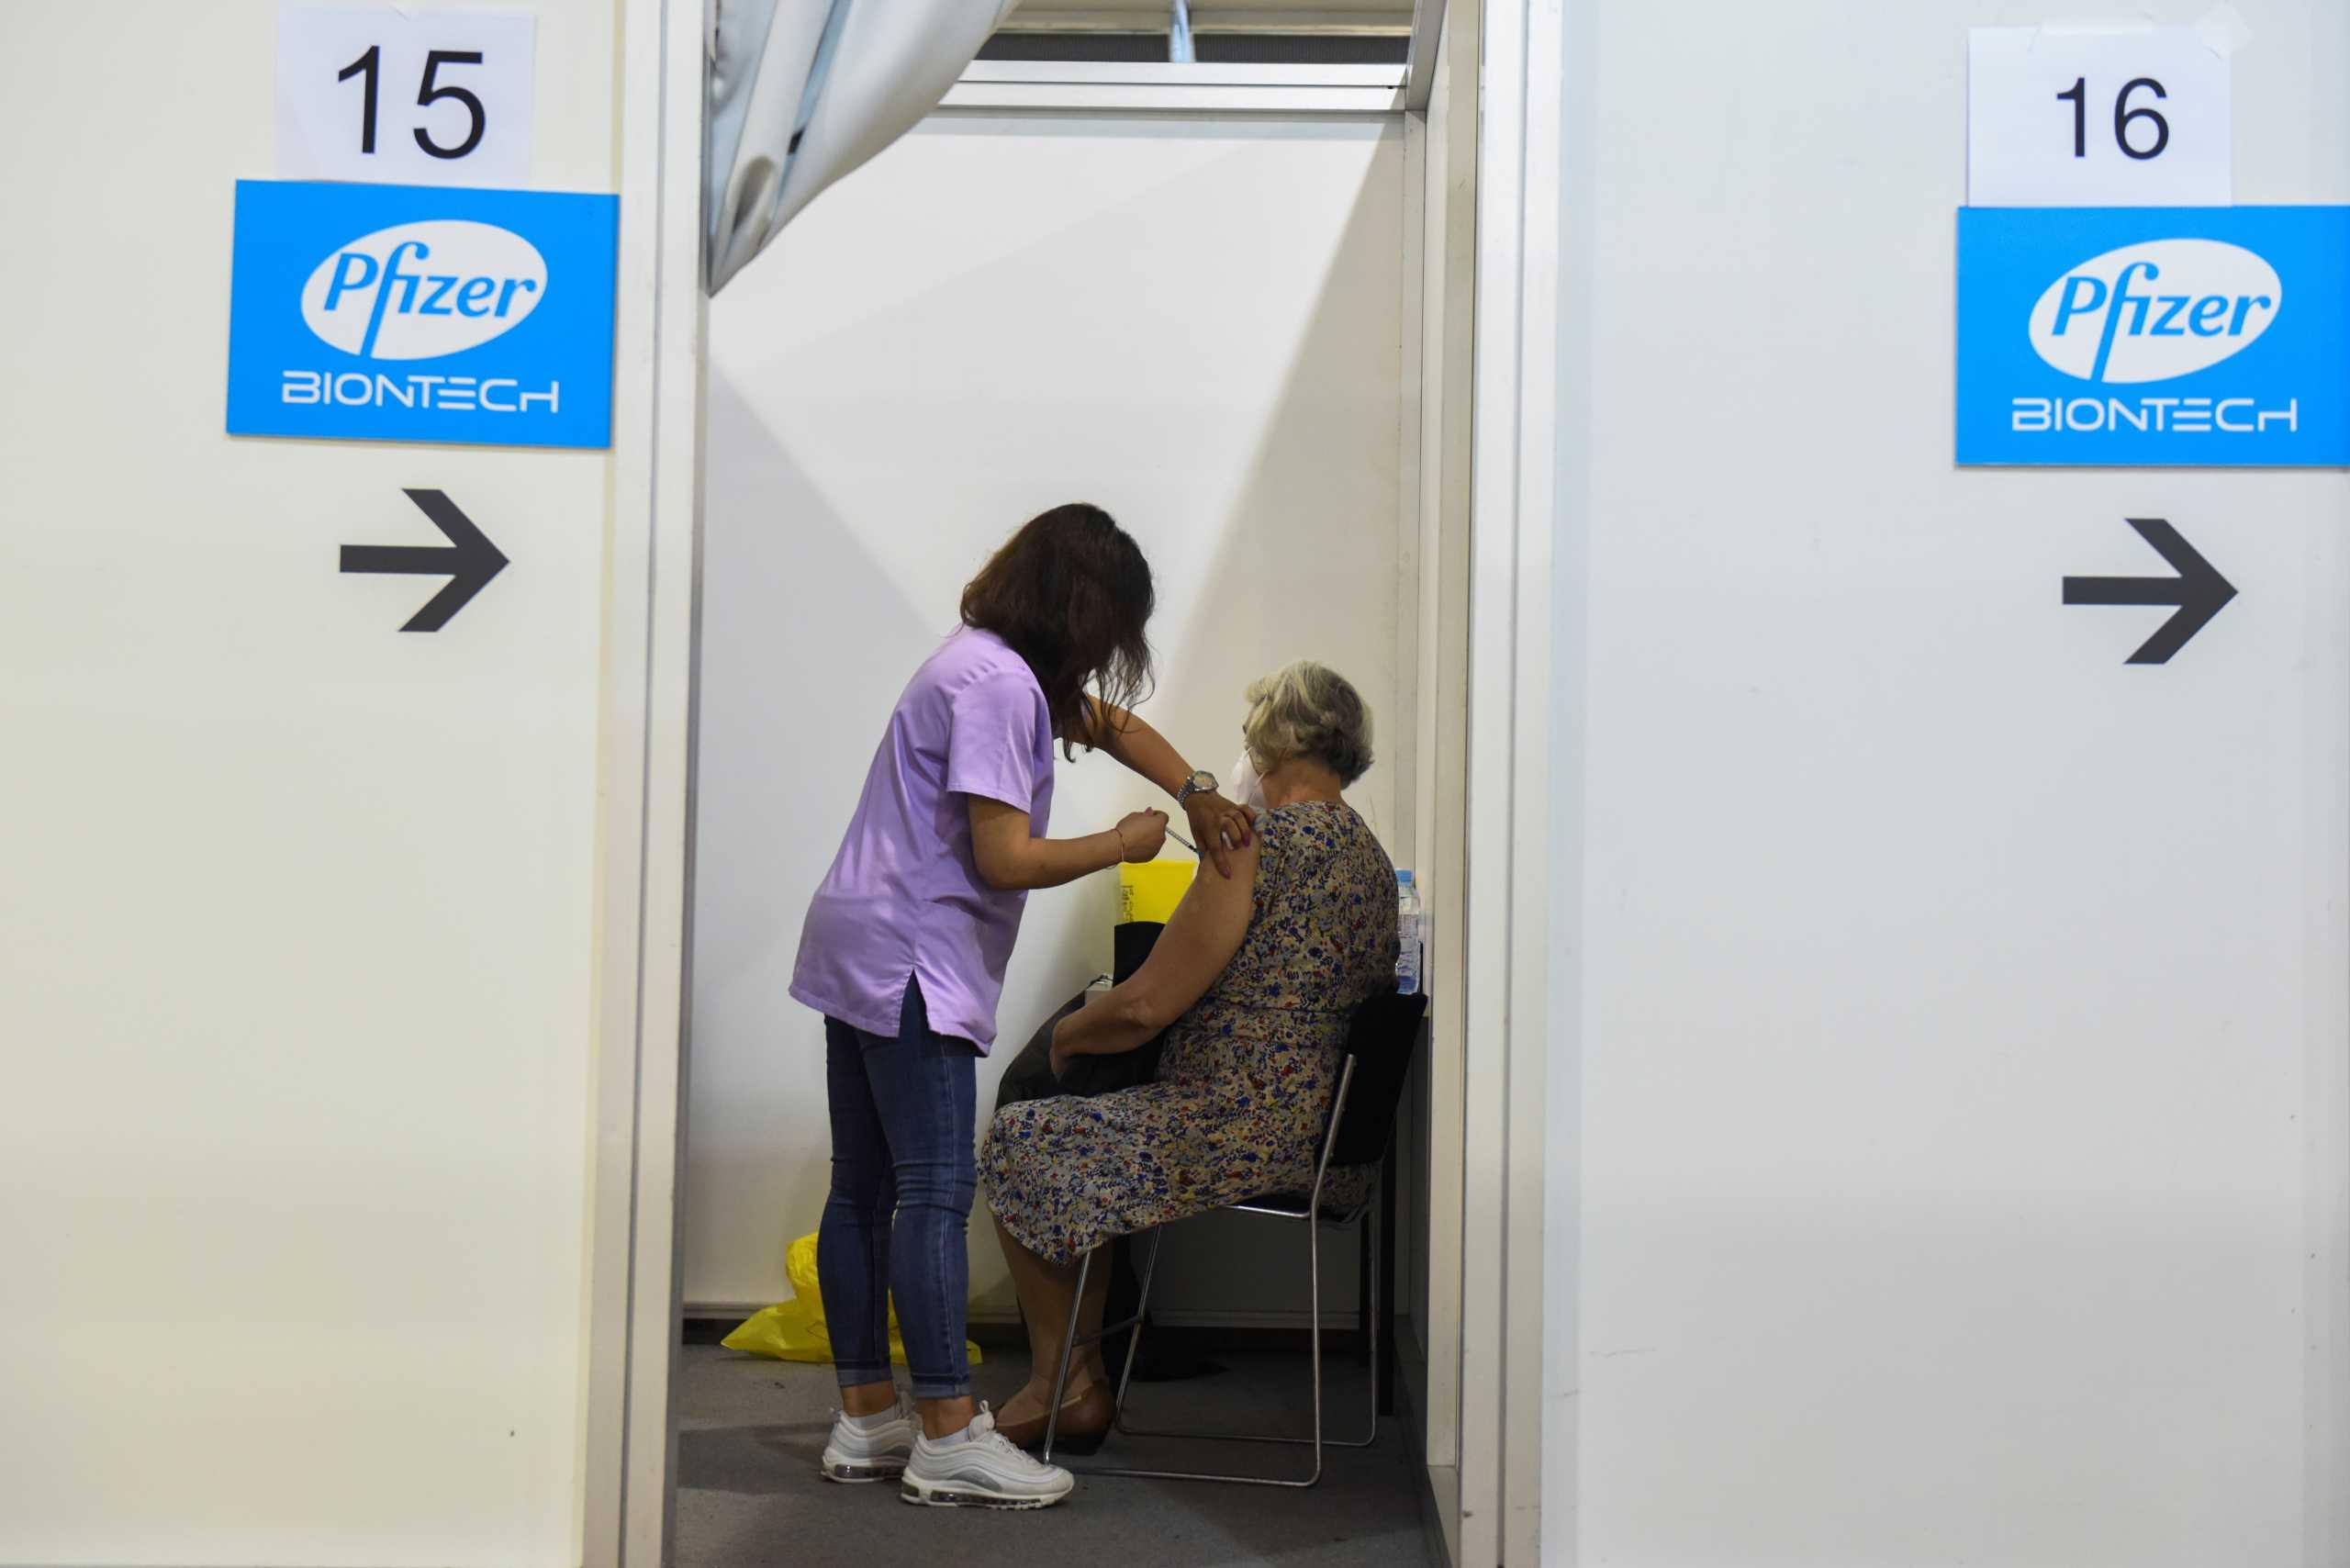 Τρίτη δόση εμβολίου: Προσωρινό «φρένο» της Επιτροπής Εμβολιασμών στους άνω των 60 ετών